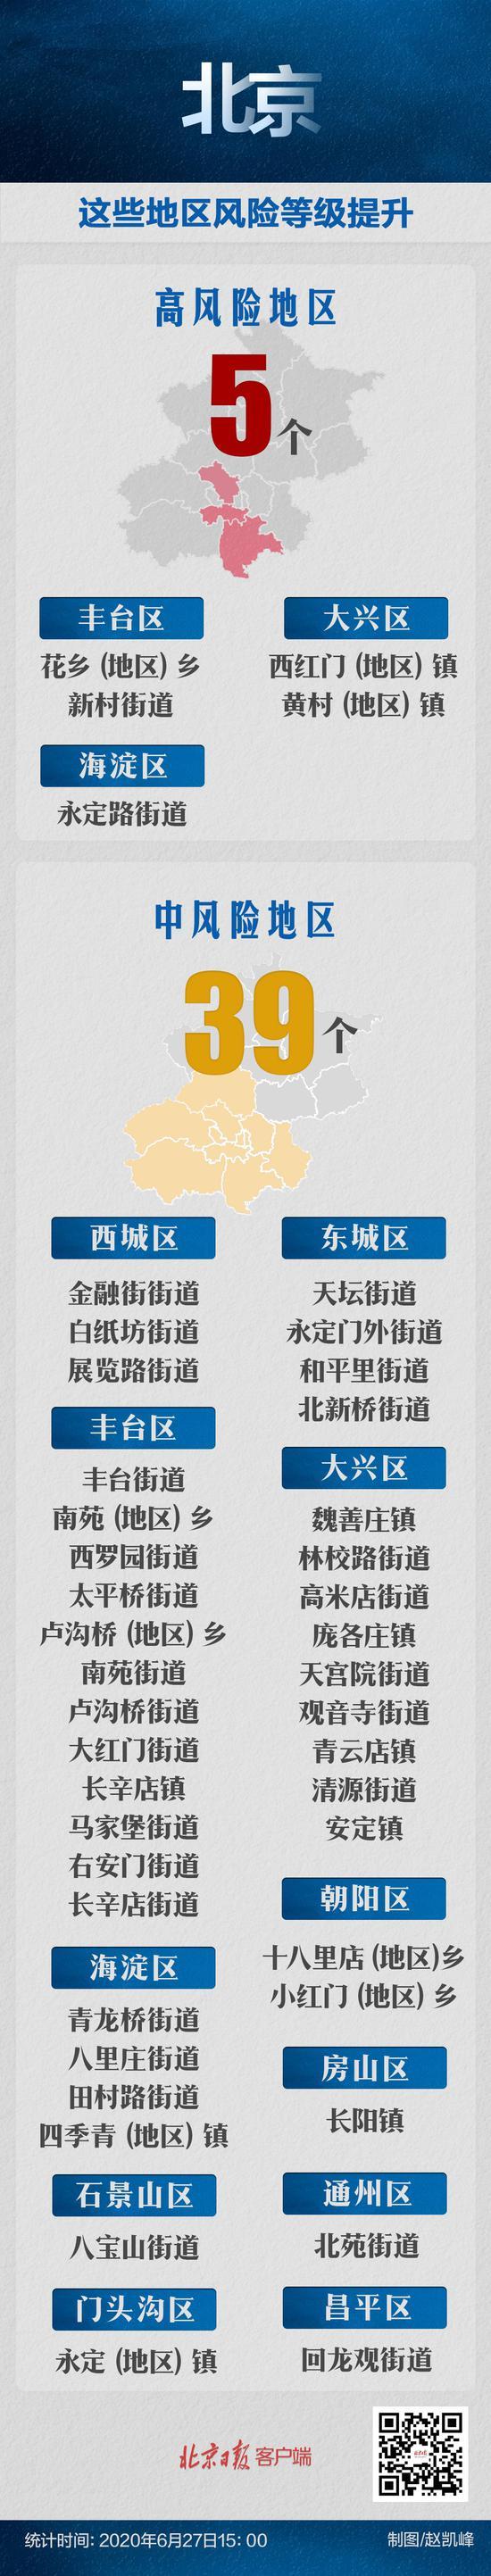 27日北京疫情风险等级无变化 高风险地区还是5个图片